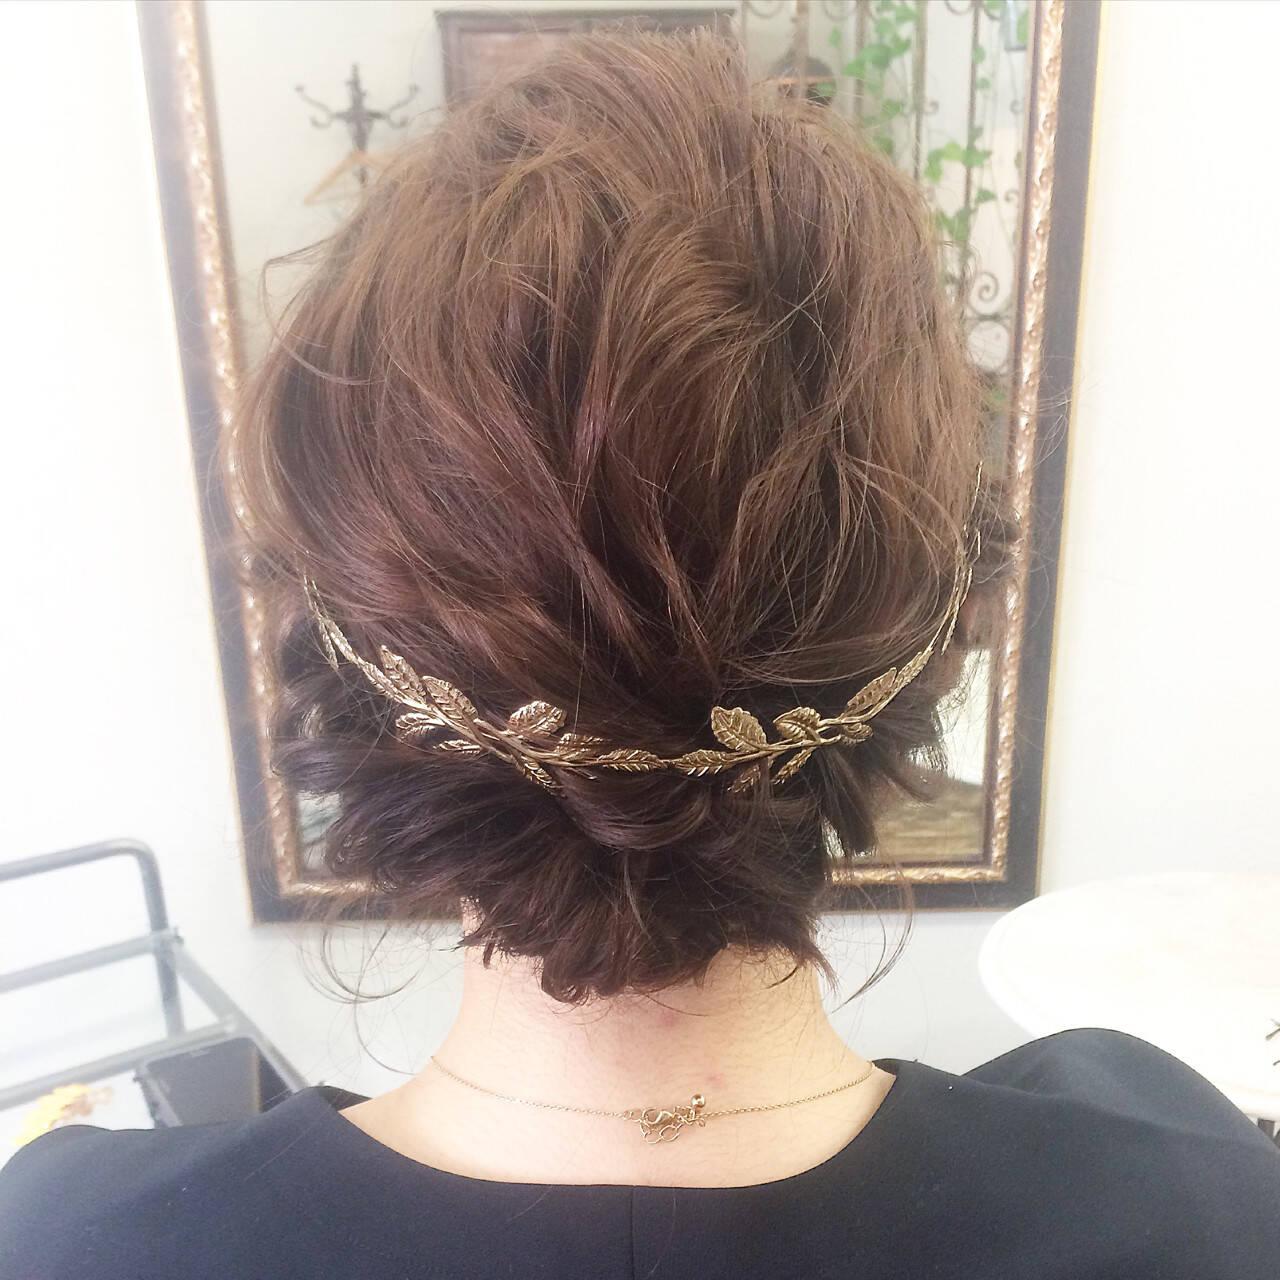 セミロング アッシュ 結婚式 ヘアアレンジヘアスタイルや髪型の写真・画像